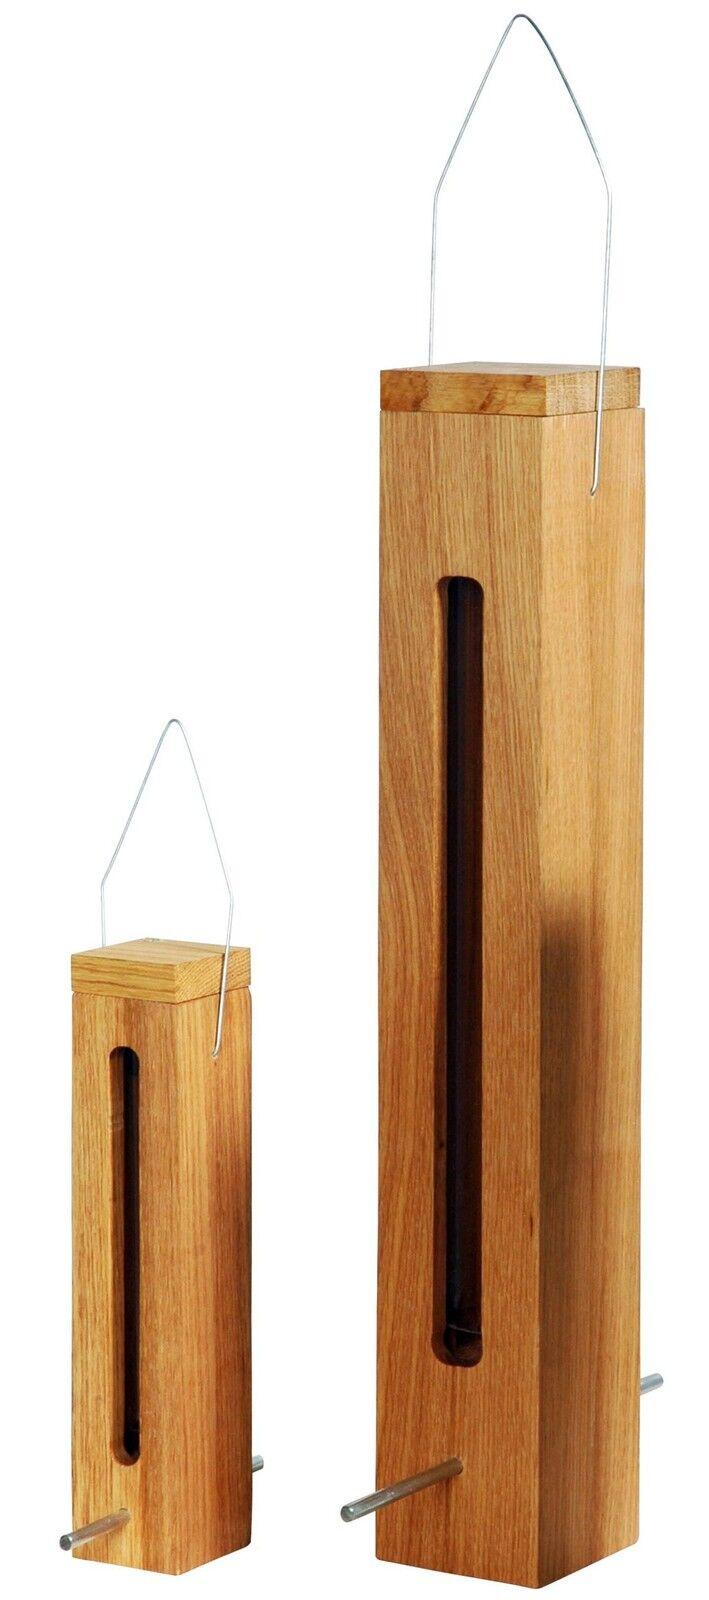 Eiche-Holz Vogelhaus Futterspender Wildvögel Futtersäule Futterautomat Vögel | Verrückte Preis  | Primäre Qualität  | Eleganter Stil